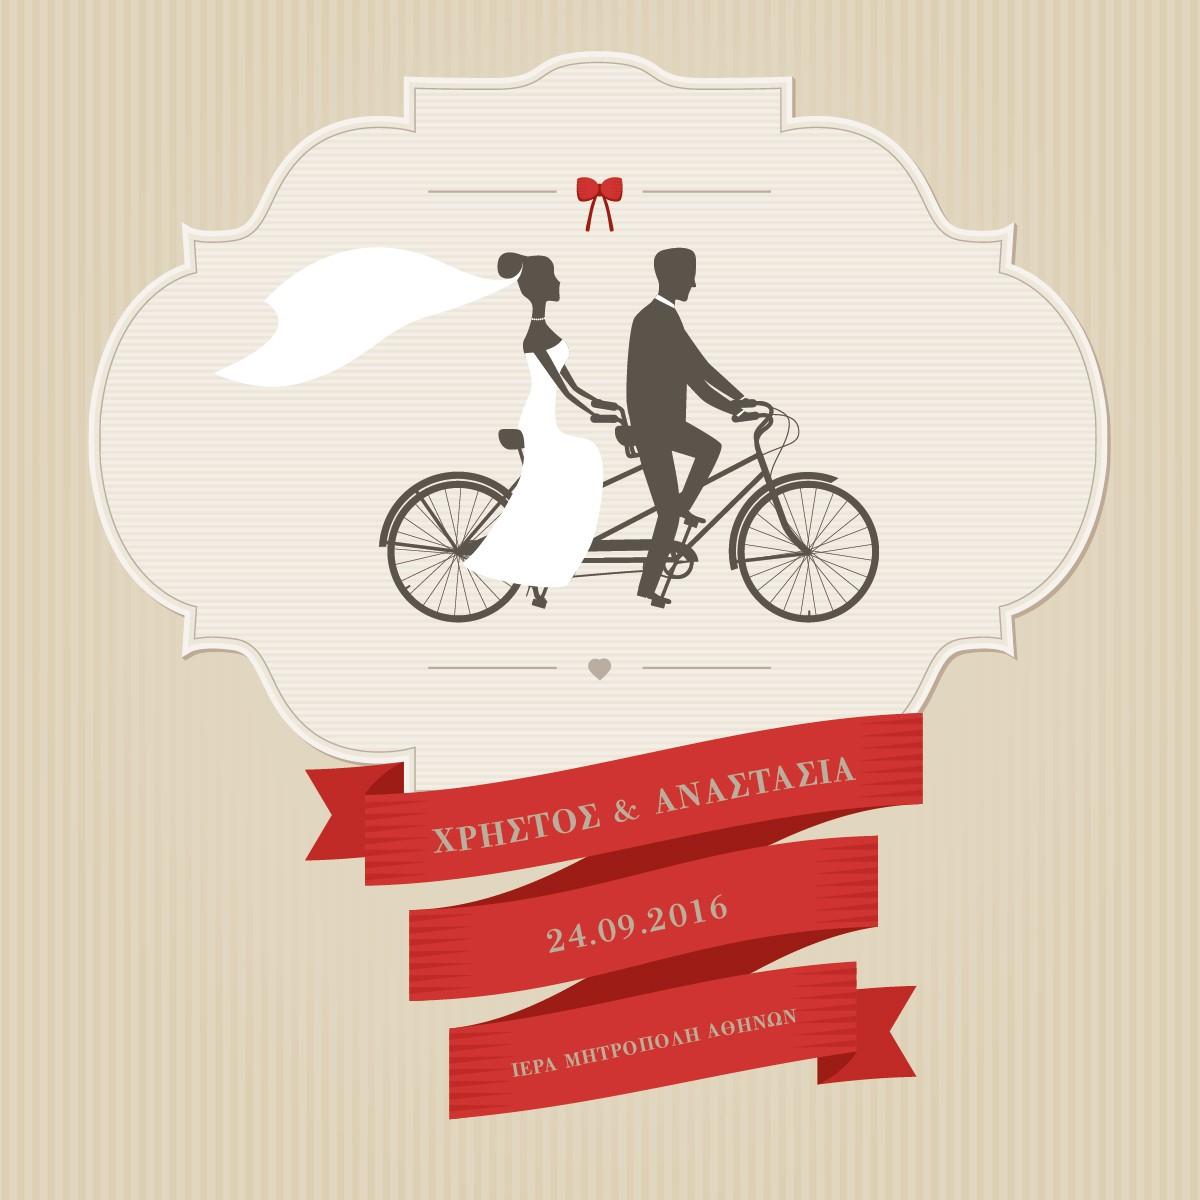 Νεόνυμφοι σε ποδήλατο